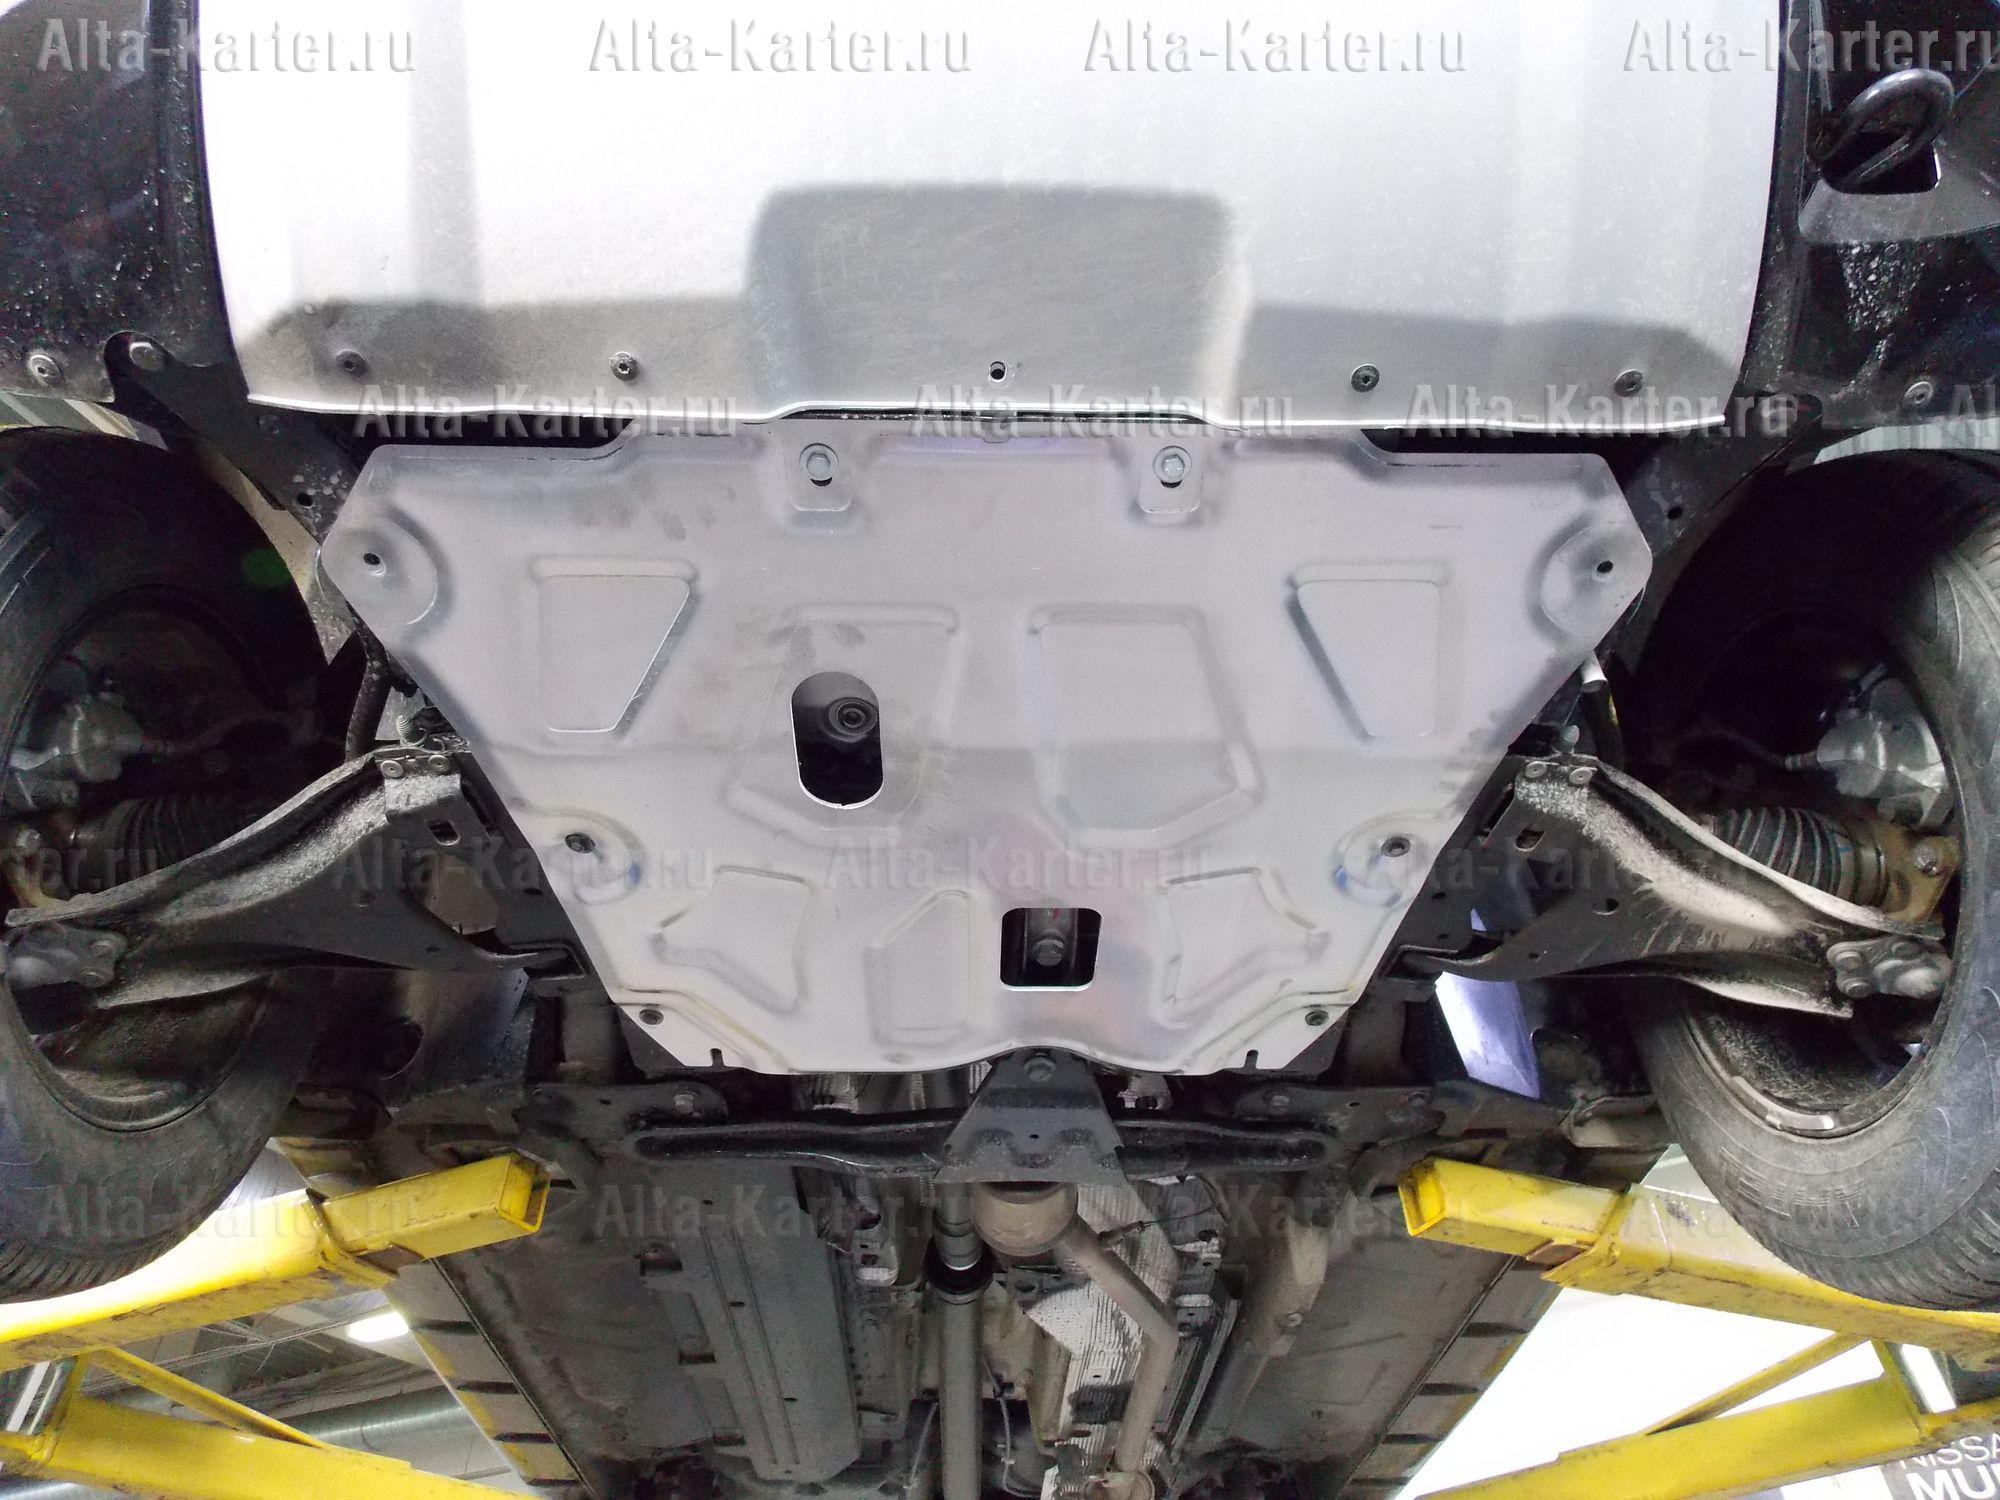 Защита Alfeco для картера и КПП Renault Kaptur 2016-2021. Артикул ALF.18.09 AL4